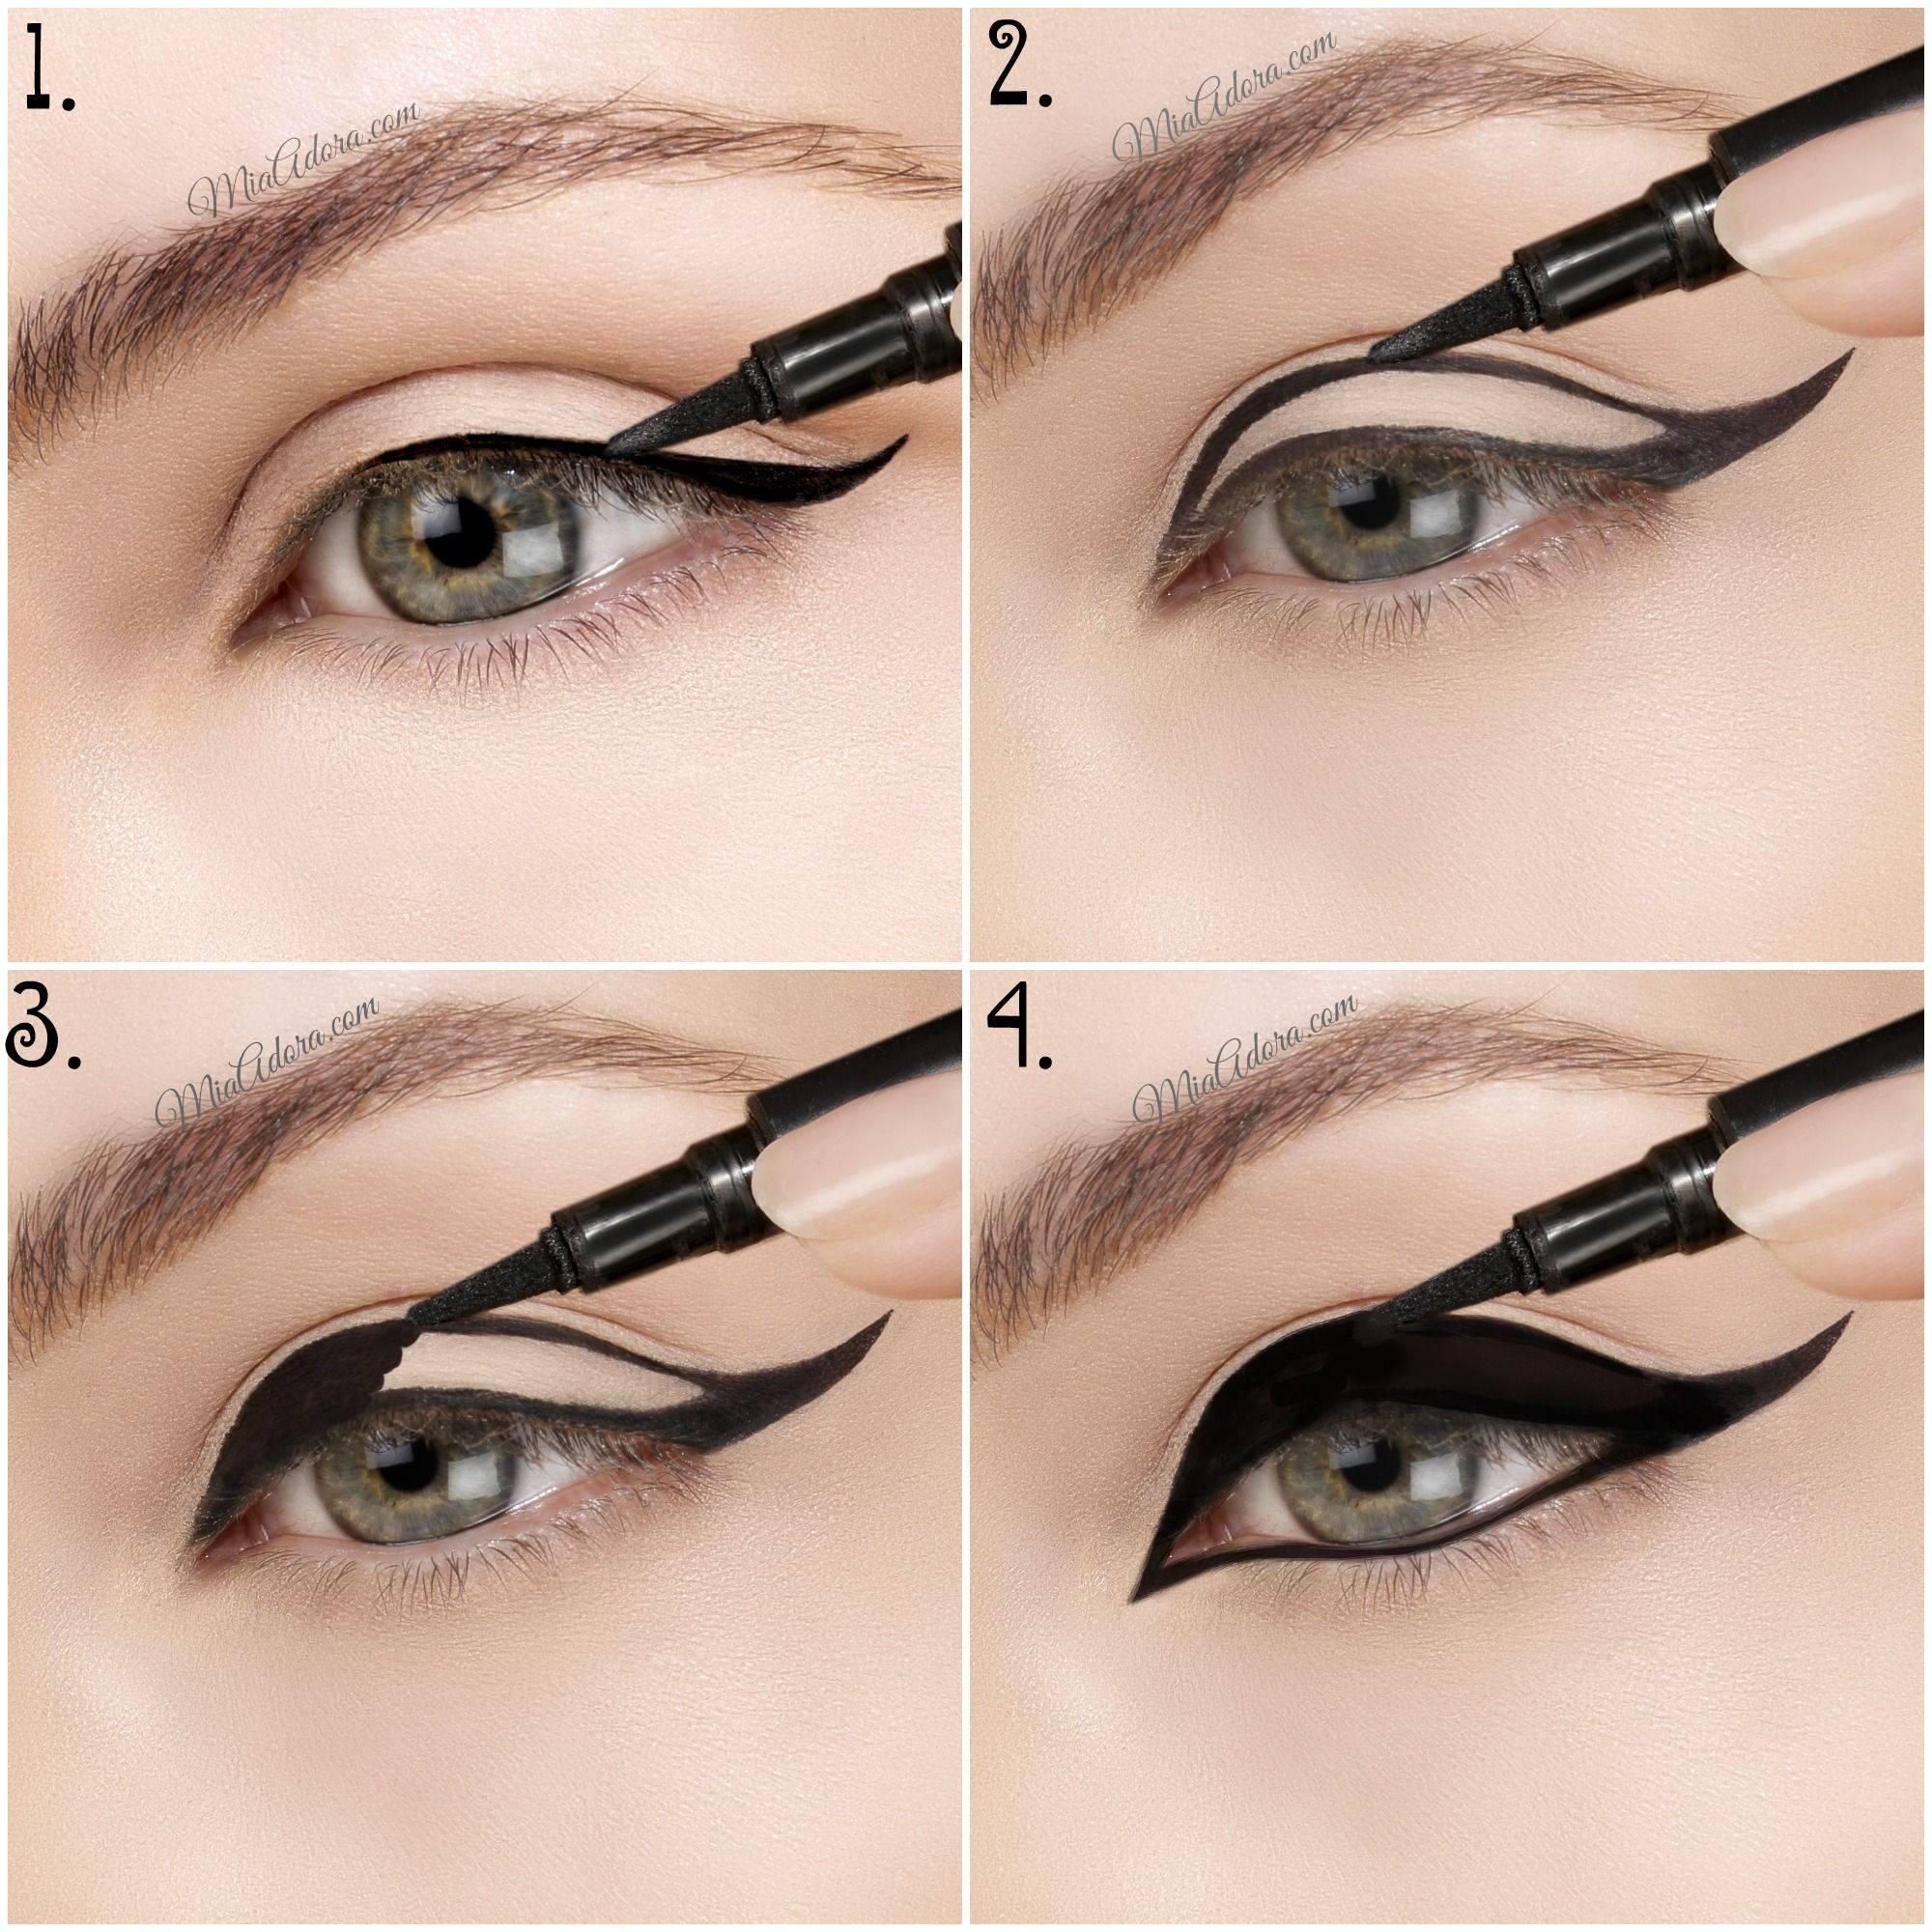 Правильные стрелки на глазах: как рисовать стрелки для глаз, фото стрелок на глазах